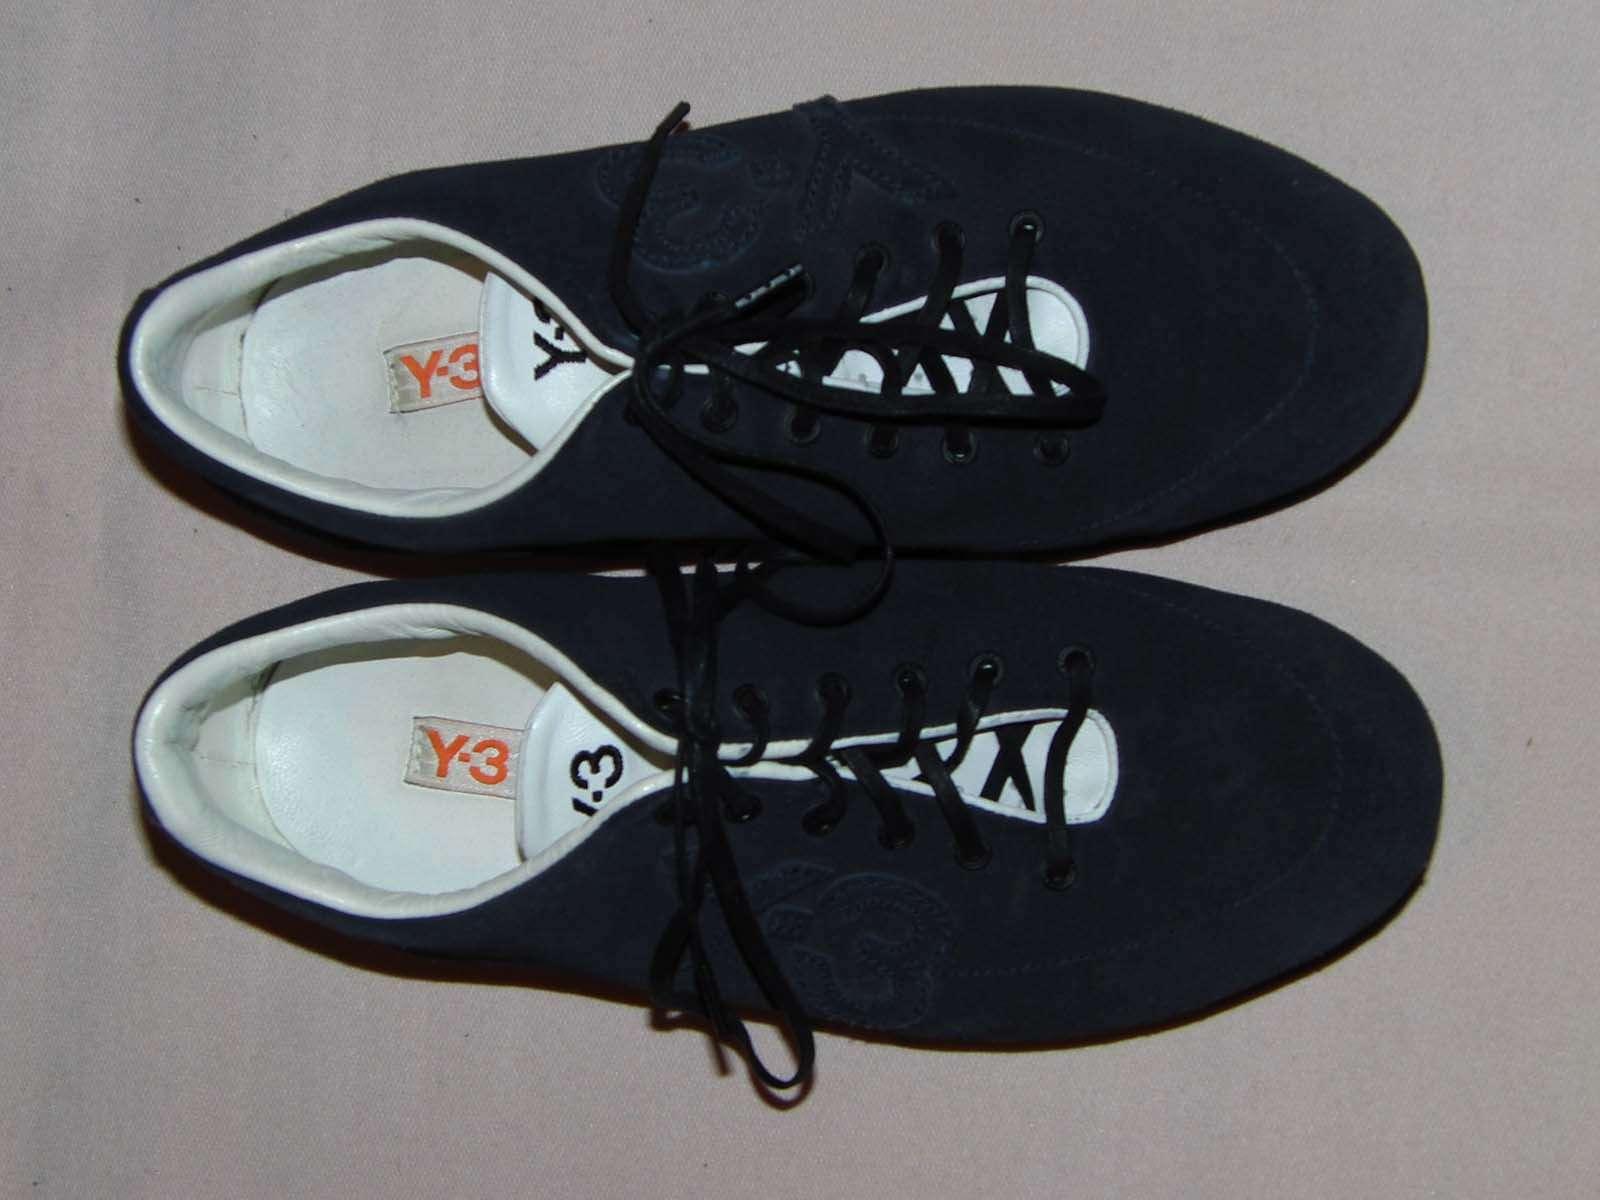 Y3 7,5 Yohji Yamamoto Sneaker US 7,5 Y3 UK 7 FR 40 2/3 DE 40 tiefblau-anthrazit TOP bbe5aa